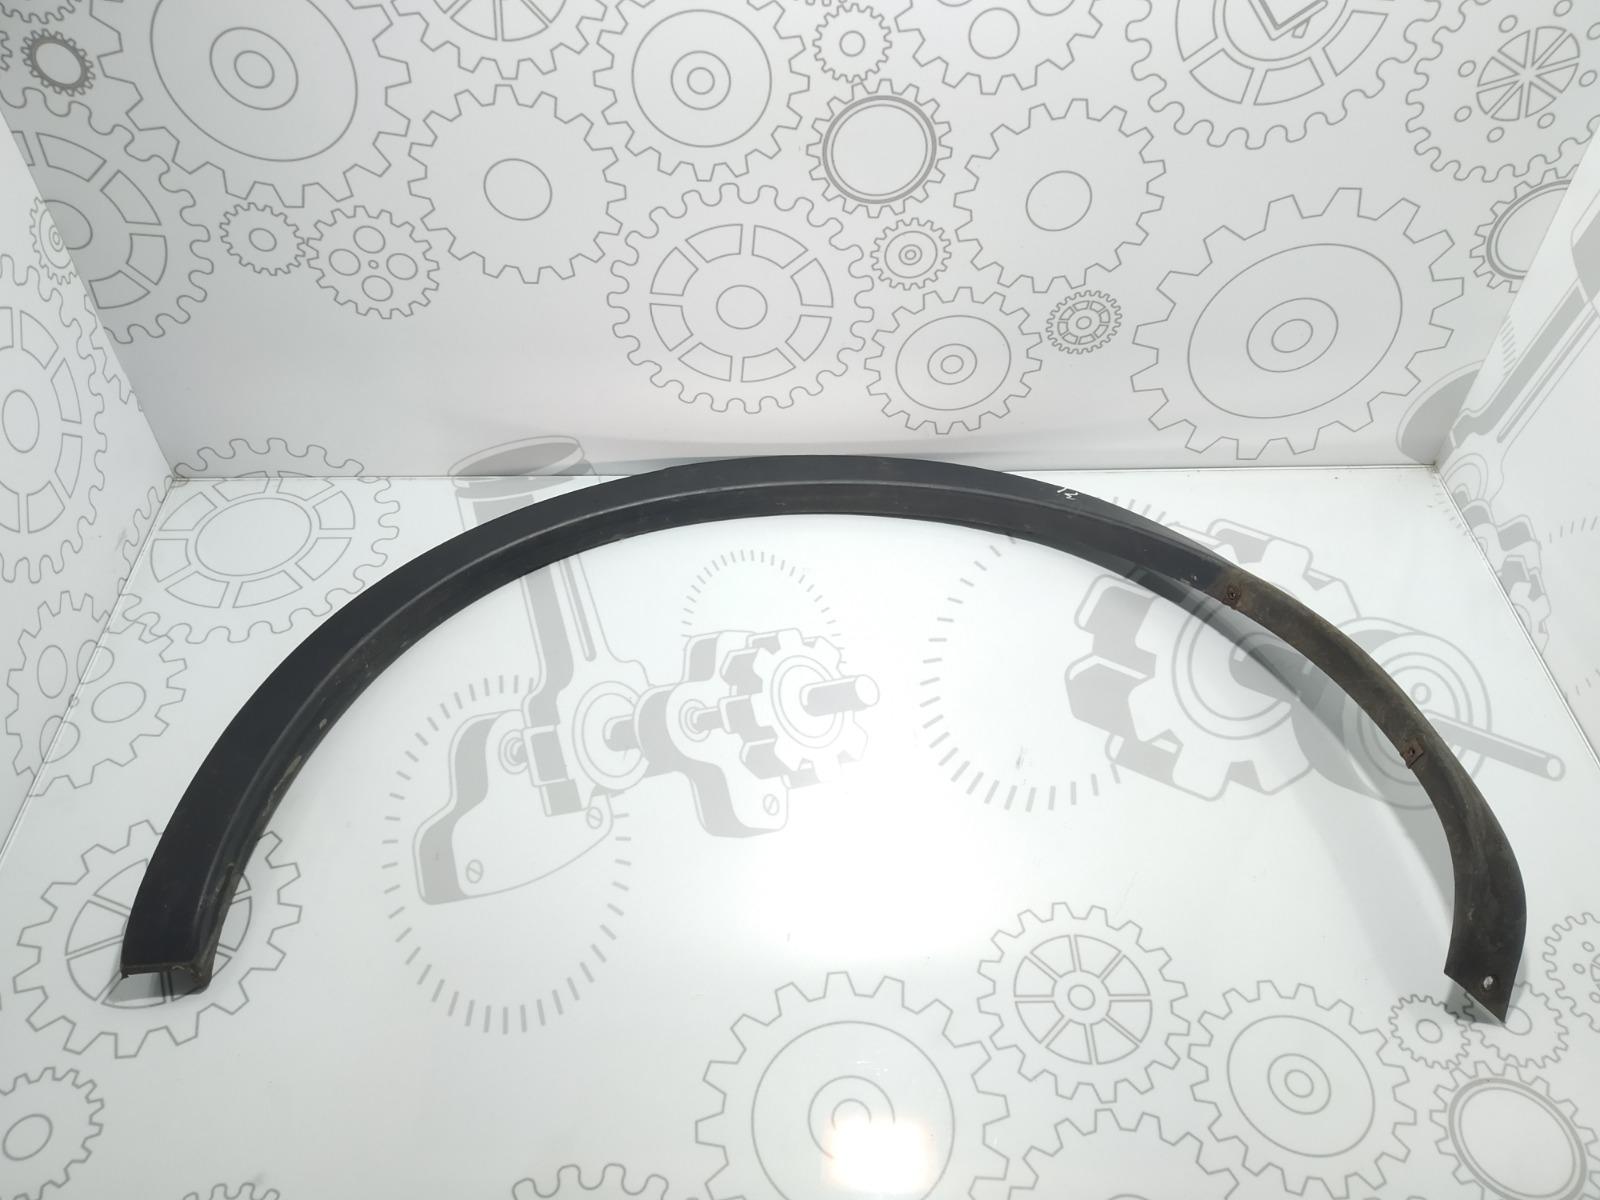 Молдинг крыла переднего левого Nissan Qashqai 1.5 DCI 2007 (б/у)